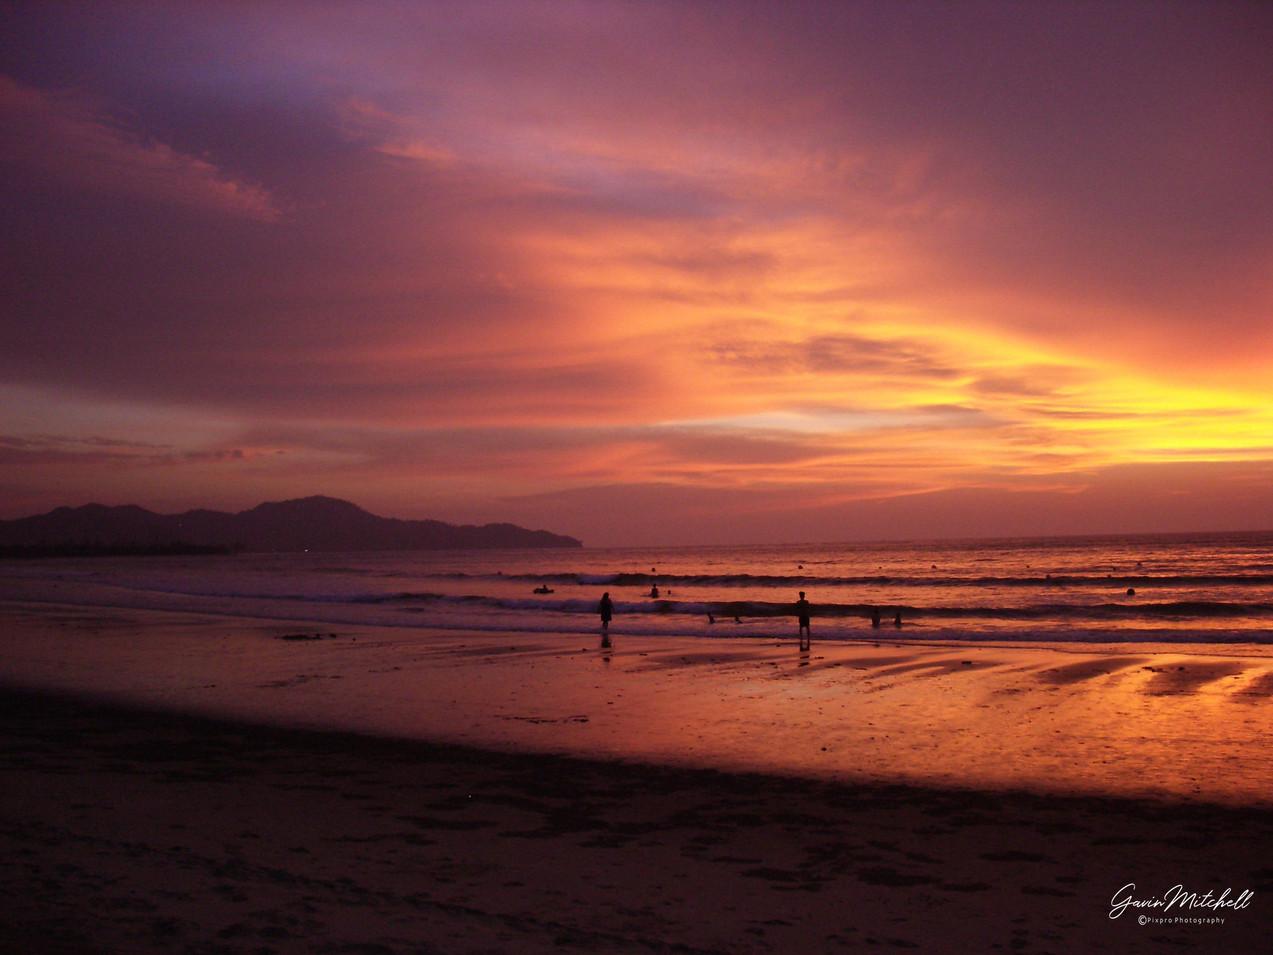 Rasa Ria - Borneo